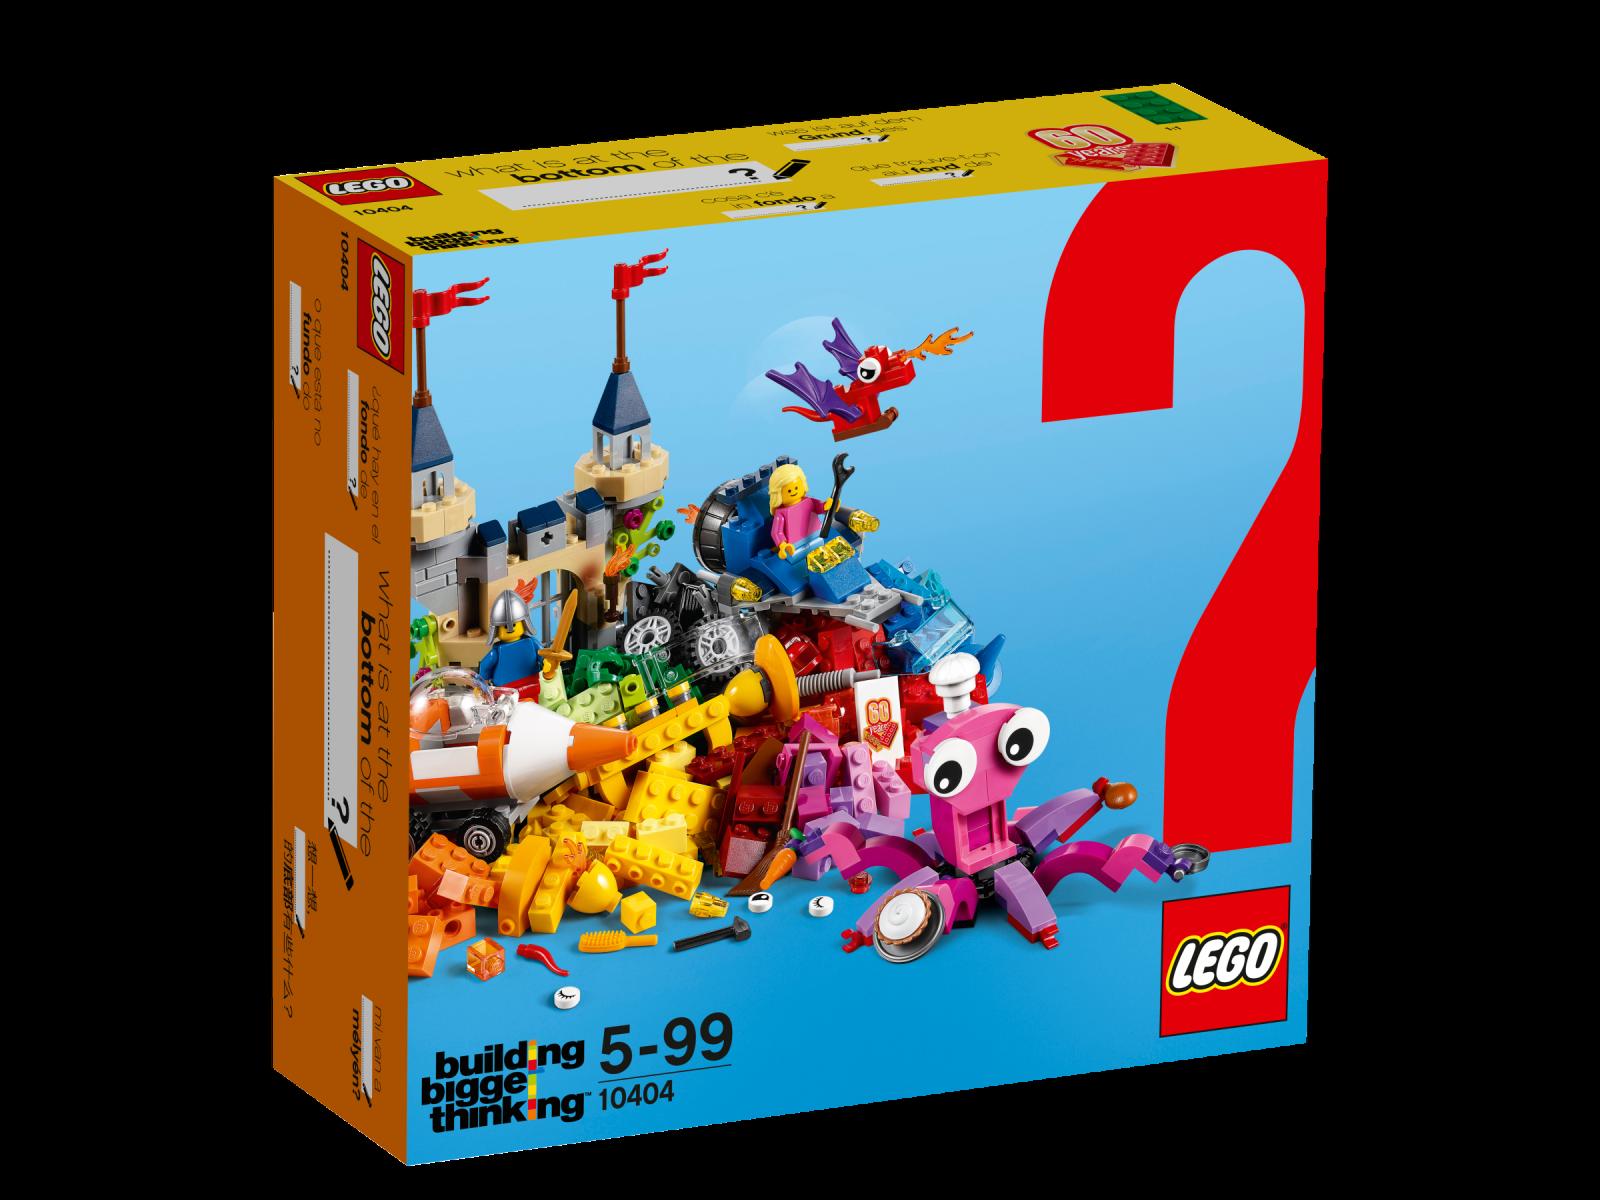 LEGO ® CLASSIC 10404 au fond de nouveau neuf dans sa boîte _ Ocean's bottom NEW En parfait état, dans sa boîte scellée Boîte d'origine jamais ouverte